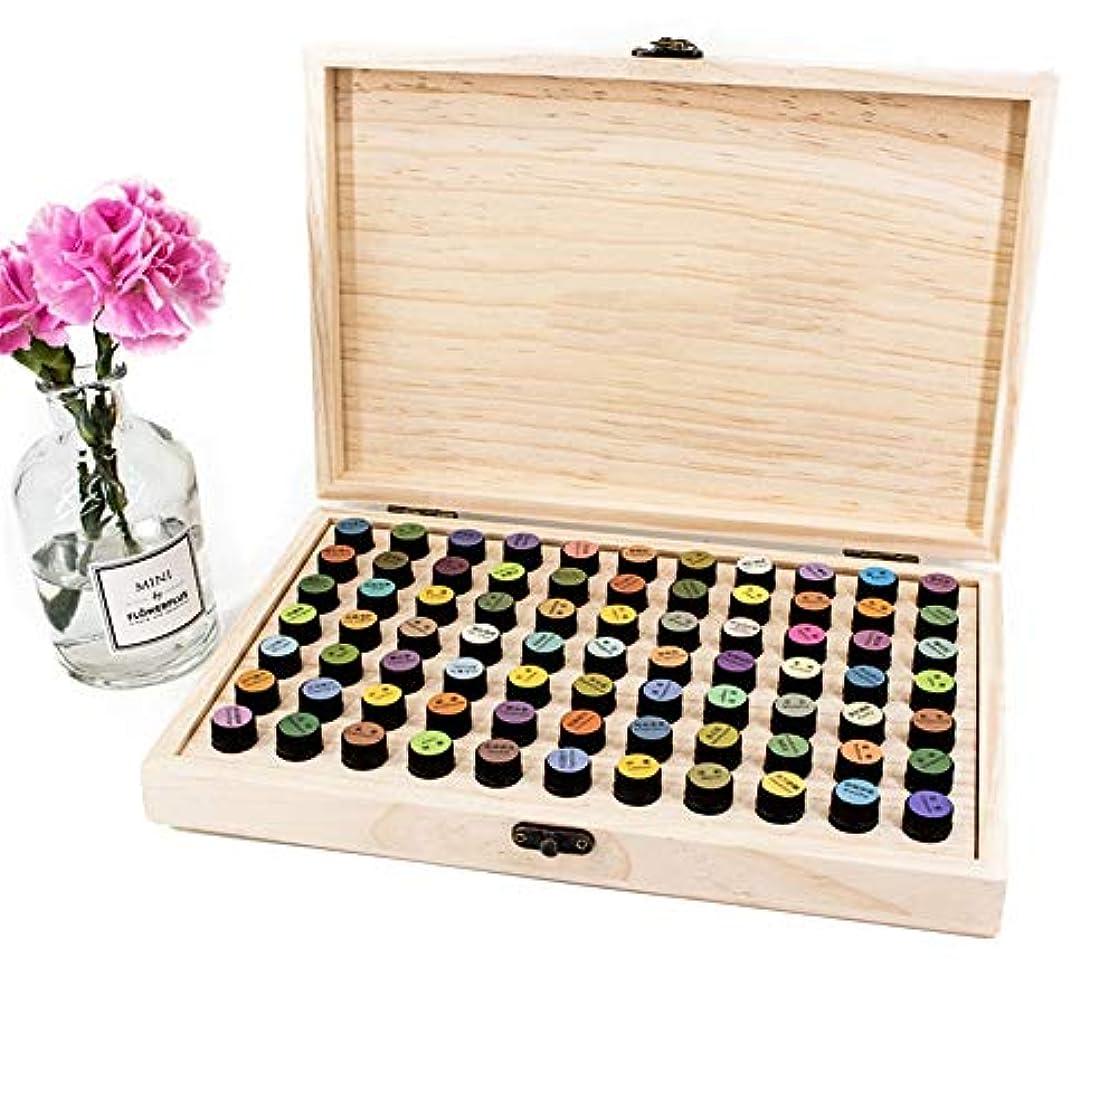 小康傾向がある更新するエッセンシャルオイルボックス 2ディスプレイウッドオイルボックス72個のスロットオーガナイザーを格納するためのバイアルmlの アロマセラピー収納ボックス (色 : Natural, サイズ : 29X19X4CM)